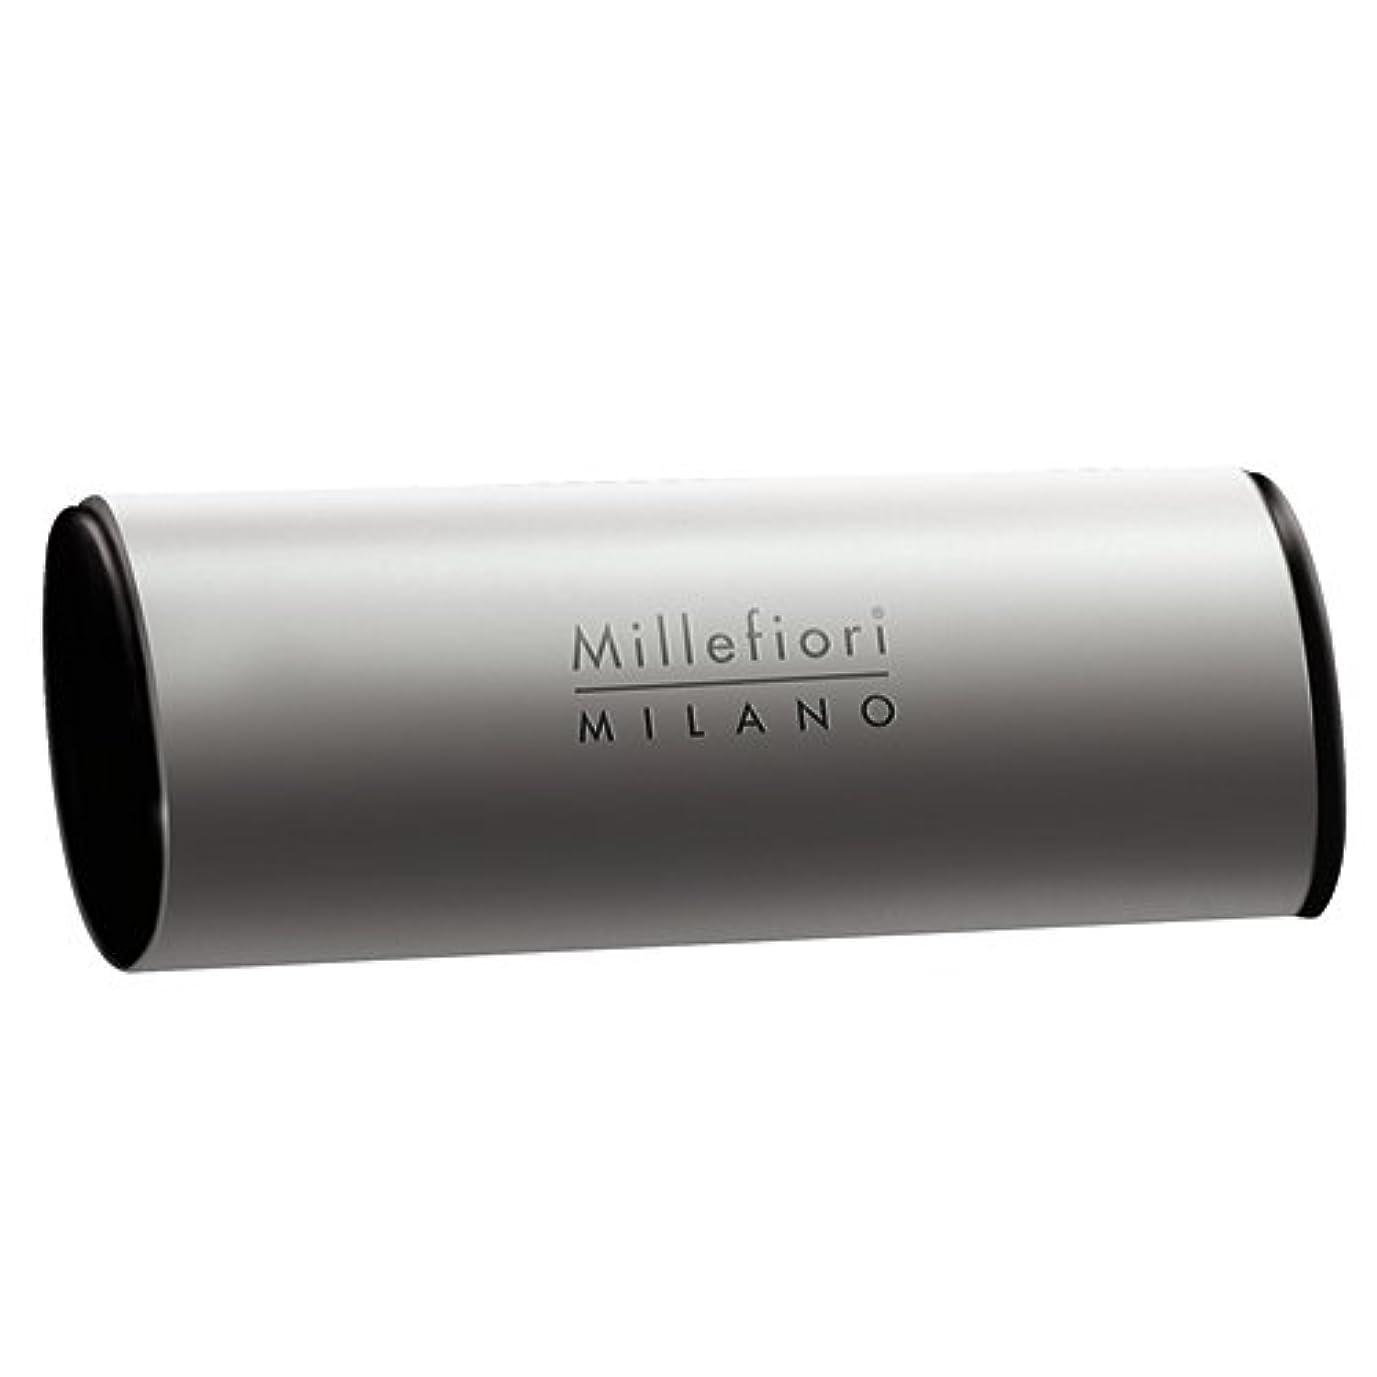 型デザート介入するMillefiori カーエアーフレッシュナー シルバー シルバースピリット CDIF-A-008